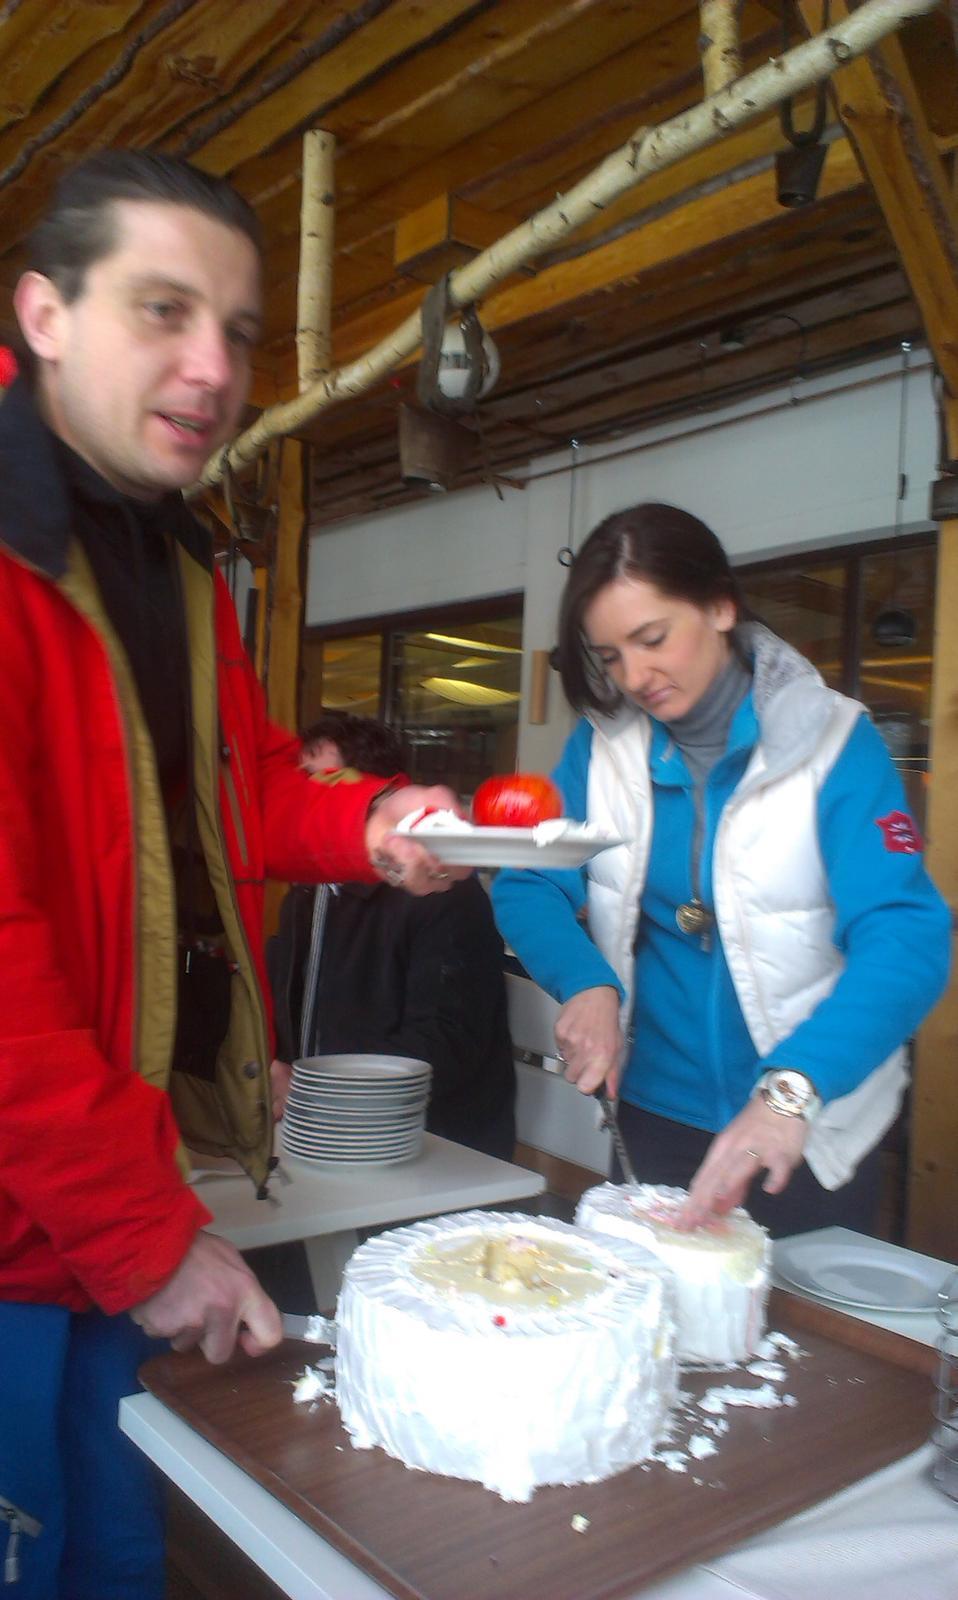 Dara{{_AND_}}Petko - Nase krajanie svadobnej torty na druhy den :) upne sme na nu zabudli :)